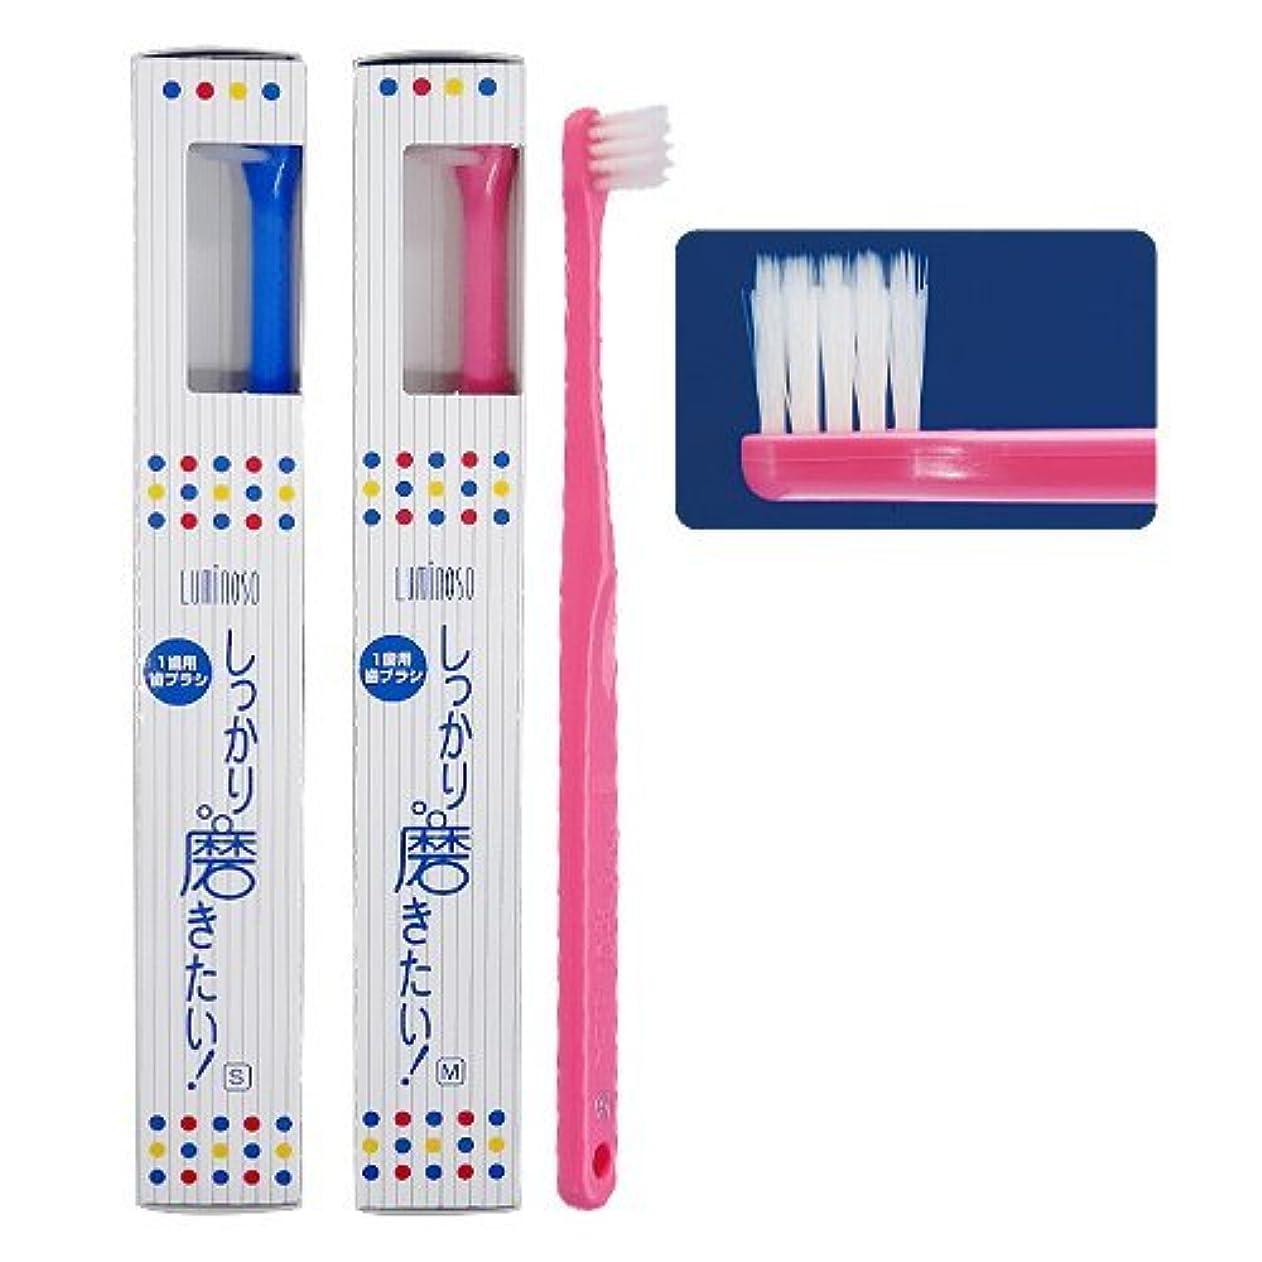 部長方形運命ルミノソ 1歯用歯ブラシ「しっかり磨きたい!」スタンダード ミディアム (カラー指定不可) 3本